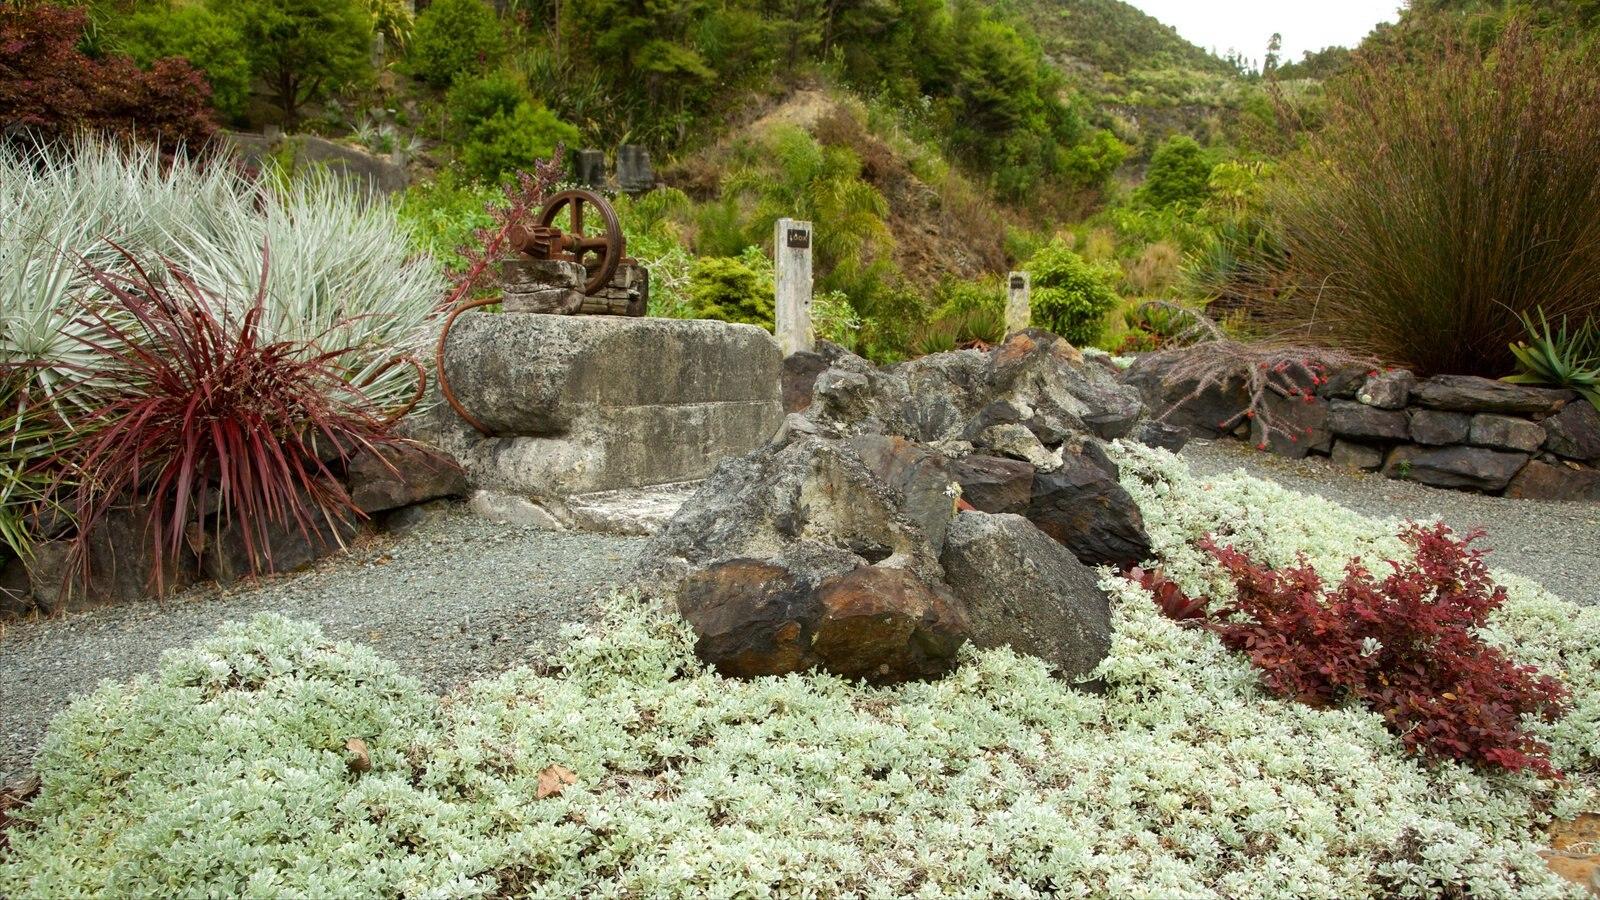 Whangarei Quarry Gardens showing a garden